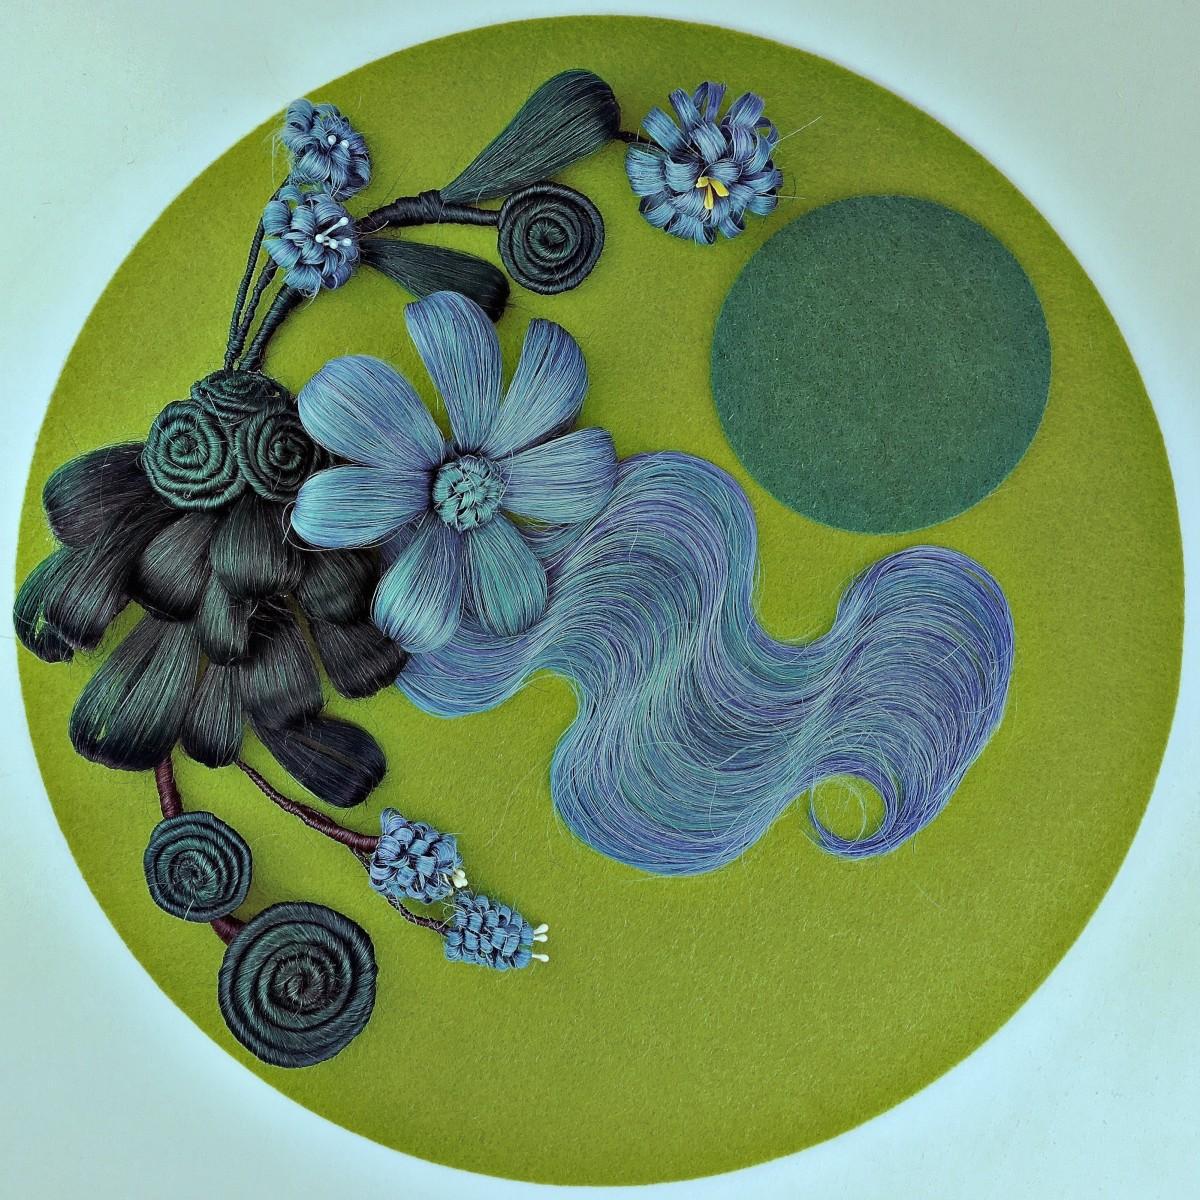 BlueHairflowers